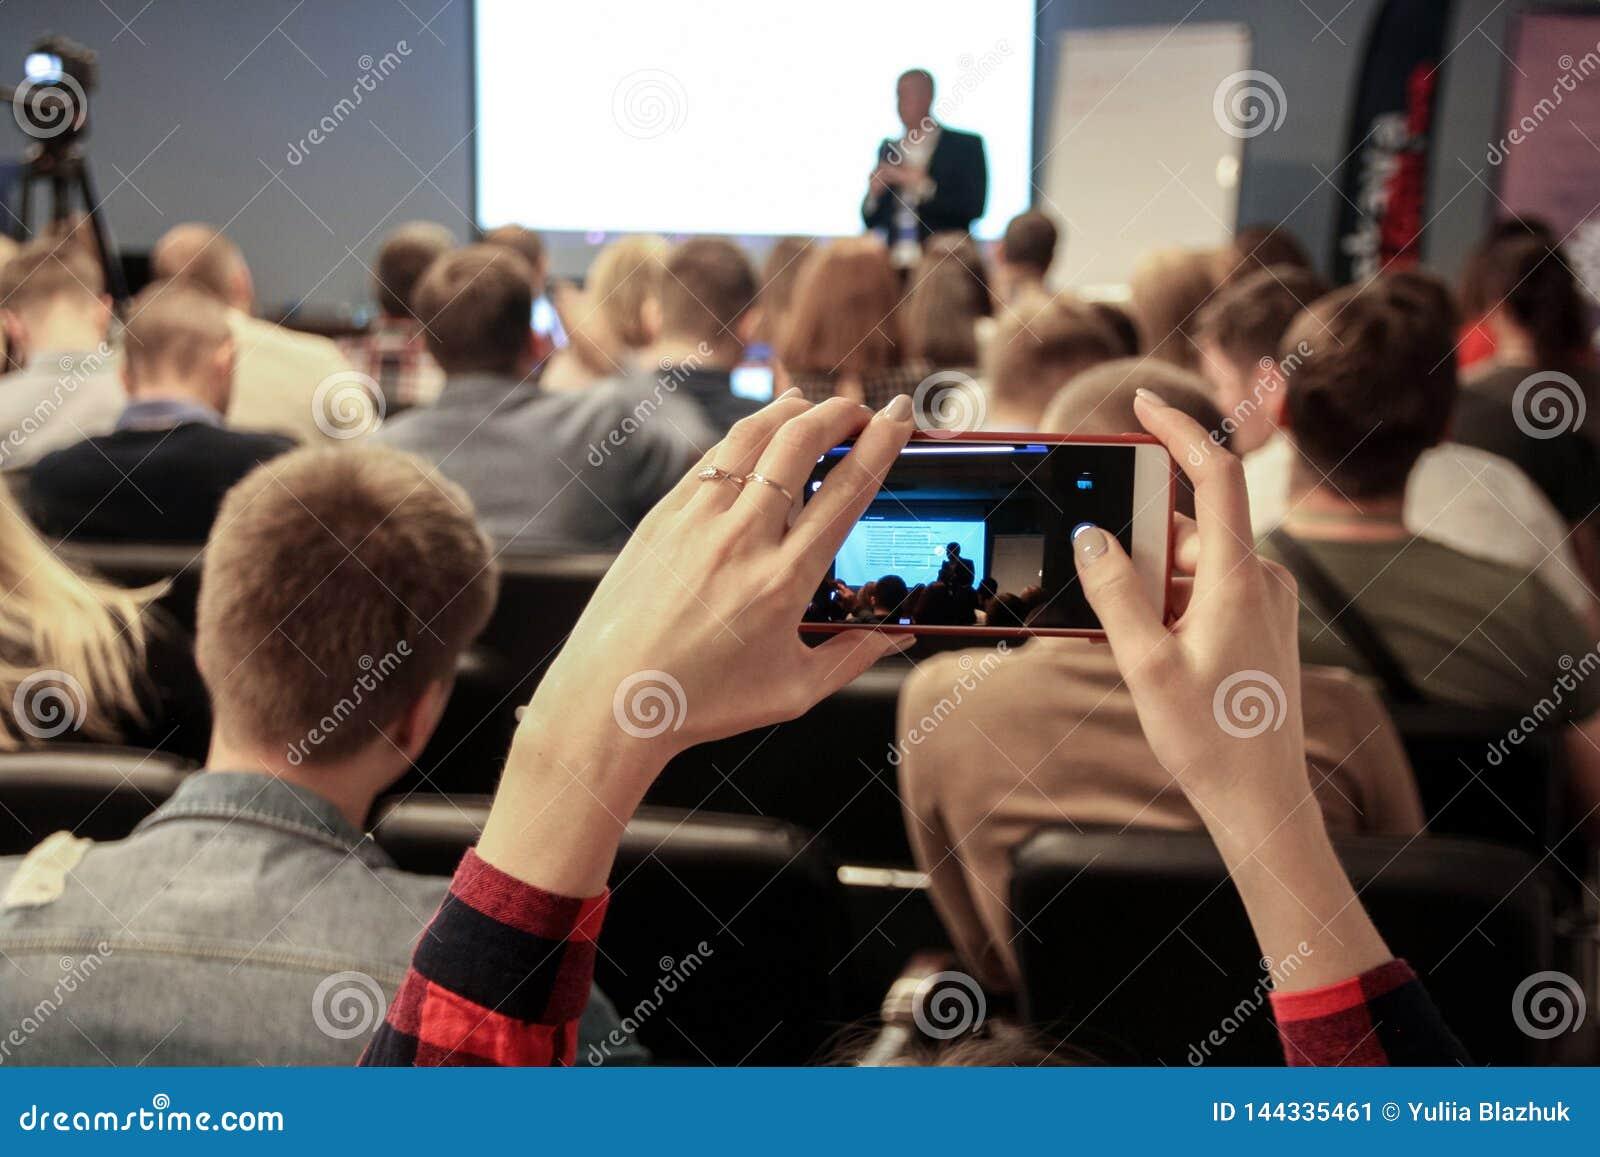 Frau macht ein Foto während der Konferenz unter Verwendung des Smartphone